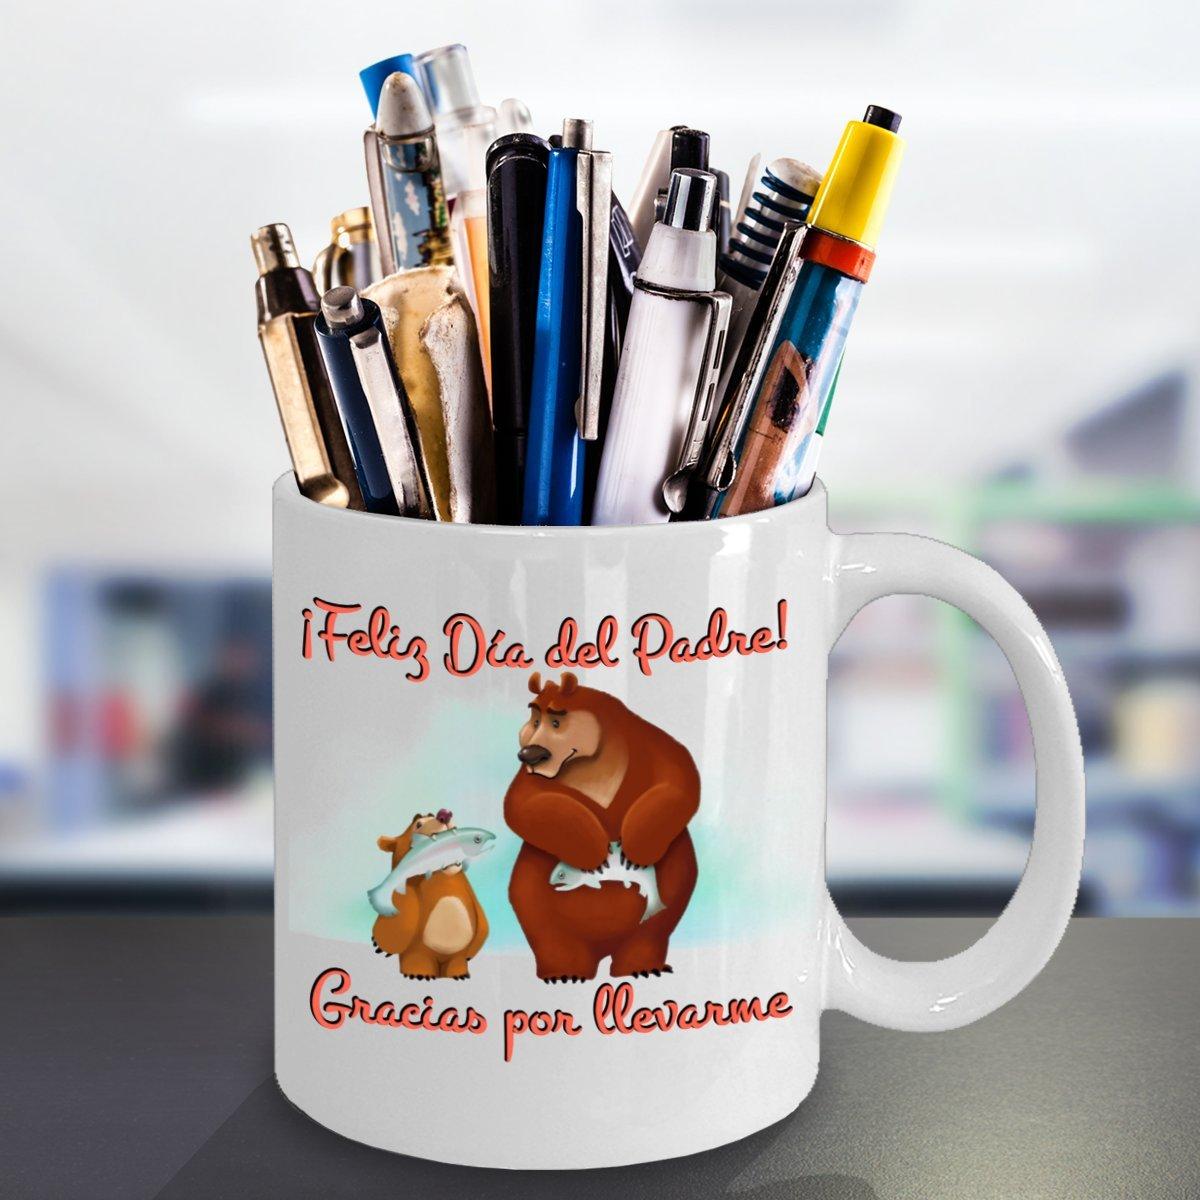 Amazon.com: Feliz Día del Padre Gracias por llevarme Fathers Day Spanish Language Coffee Mug: Kitchen & Dining